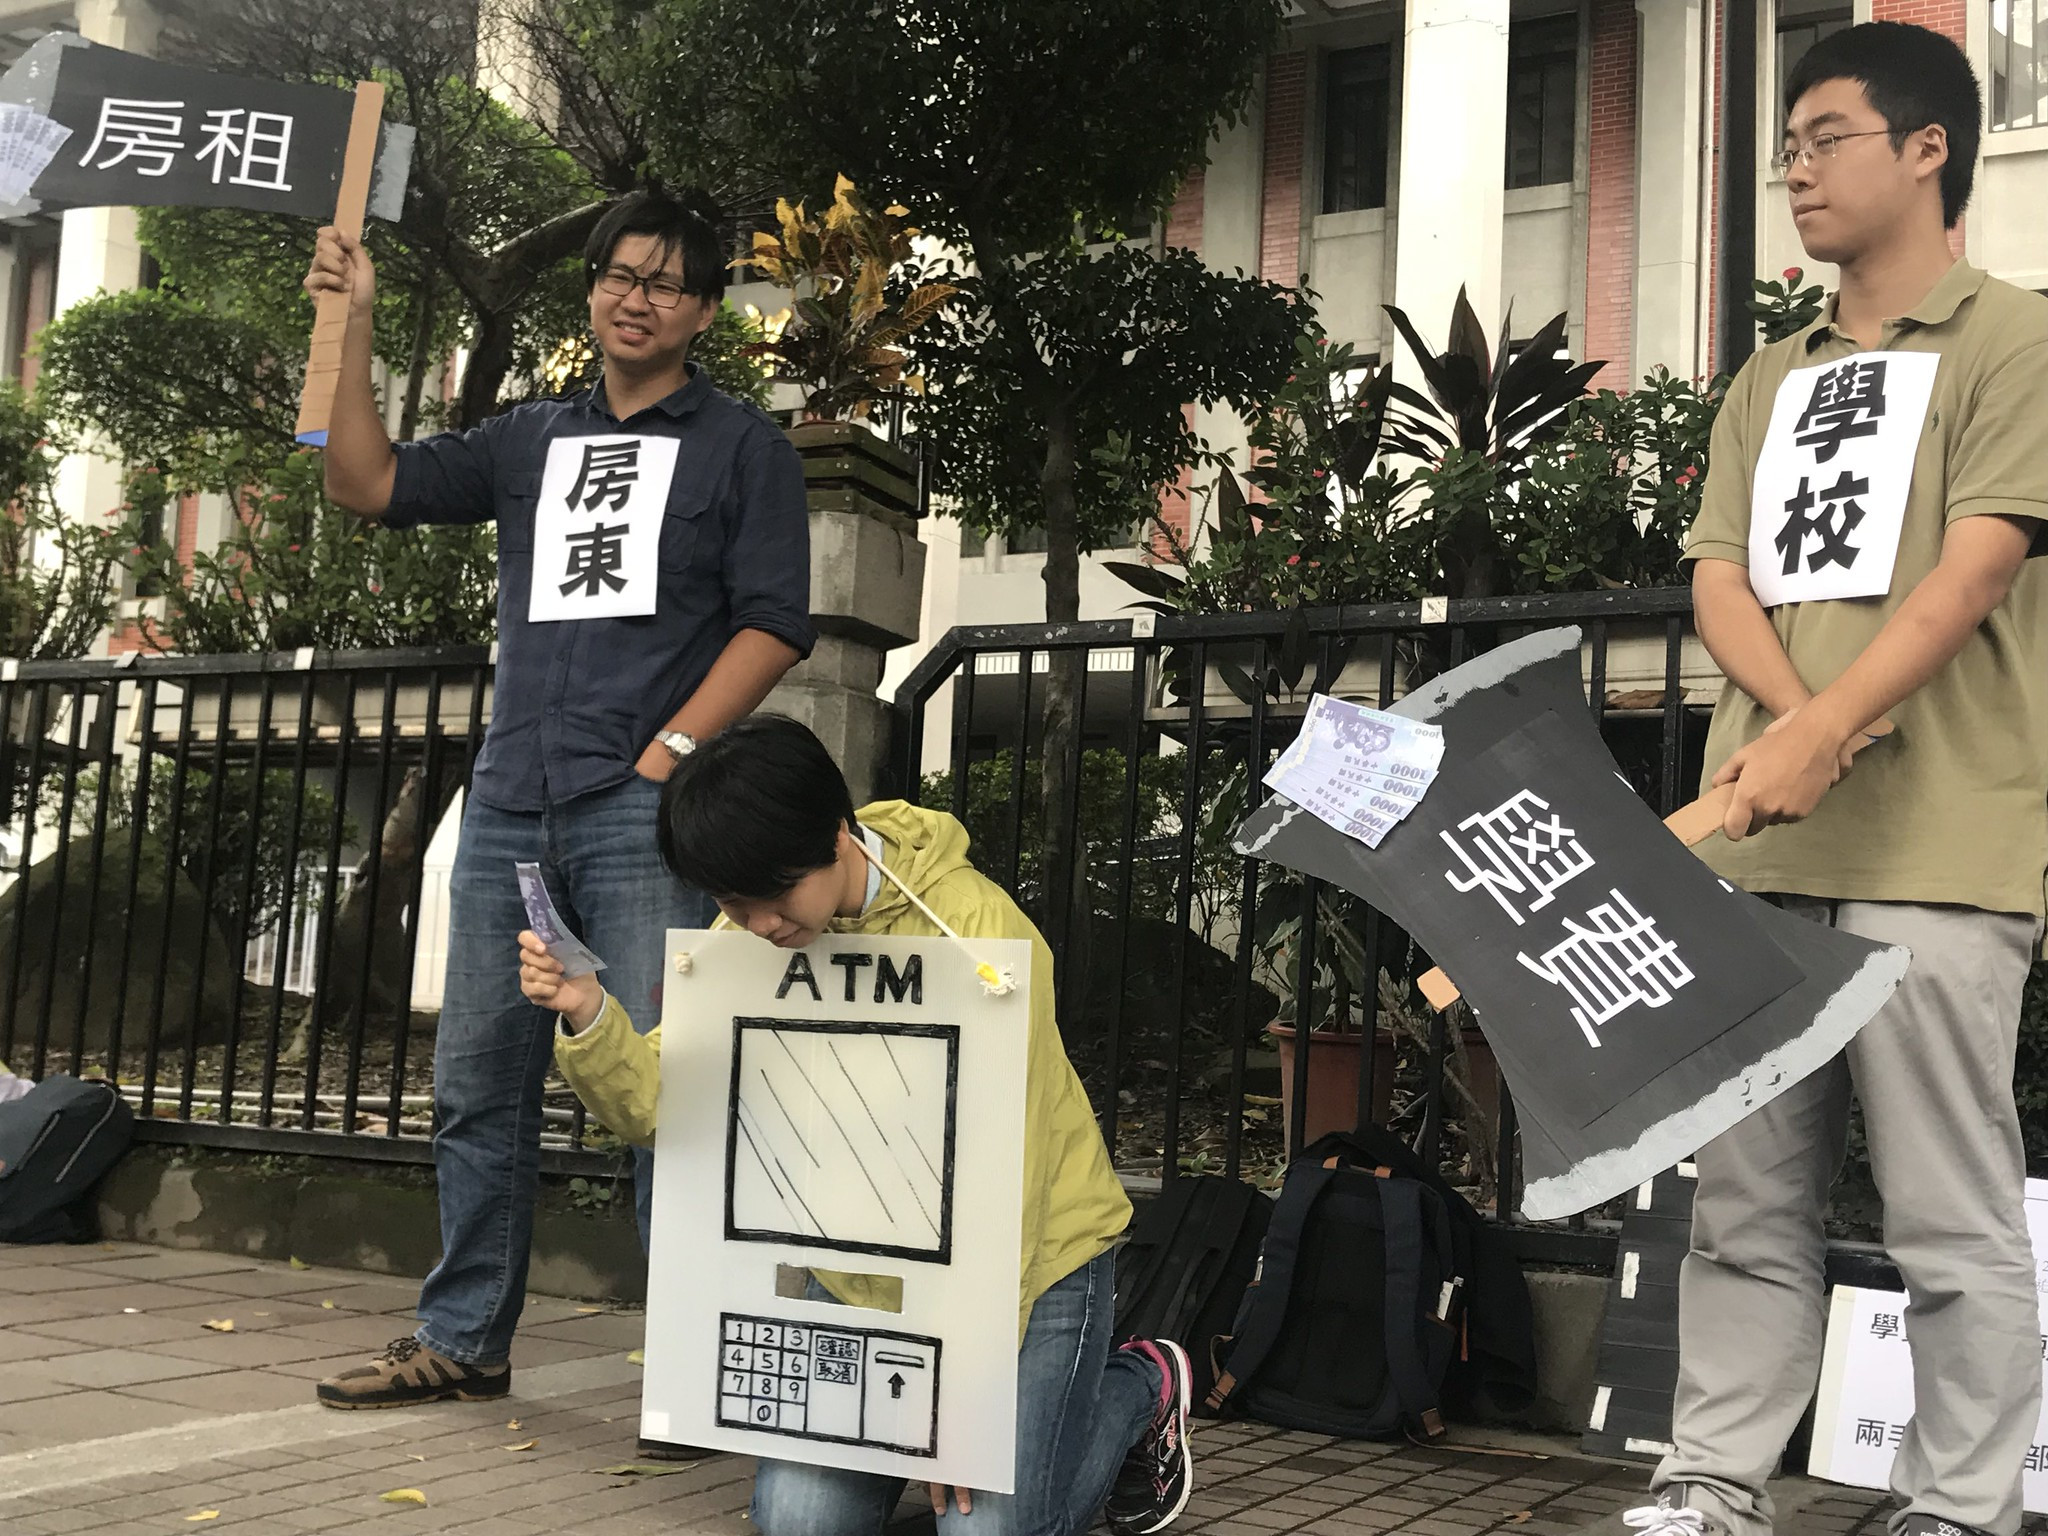 學團以行動劇表達被學費與居住費用夾擊的學生的處境。(攝影:張宗坤)